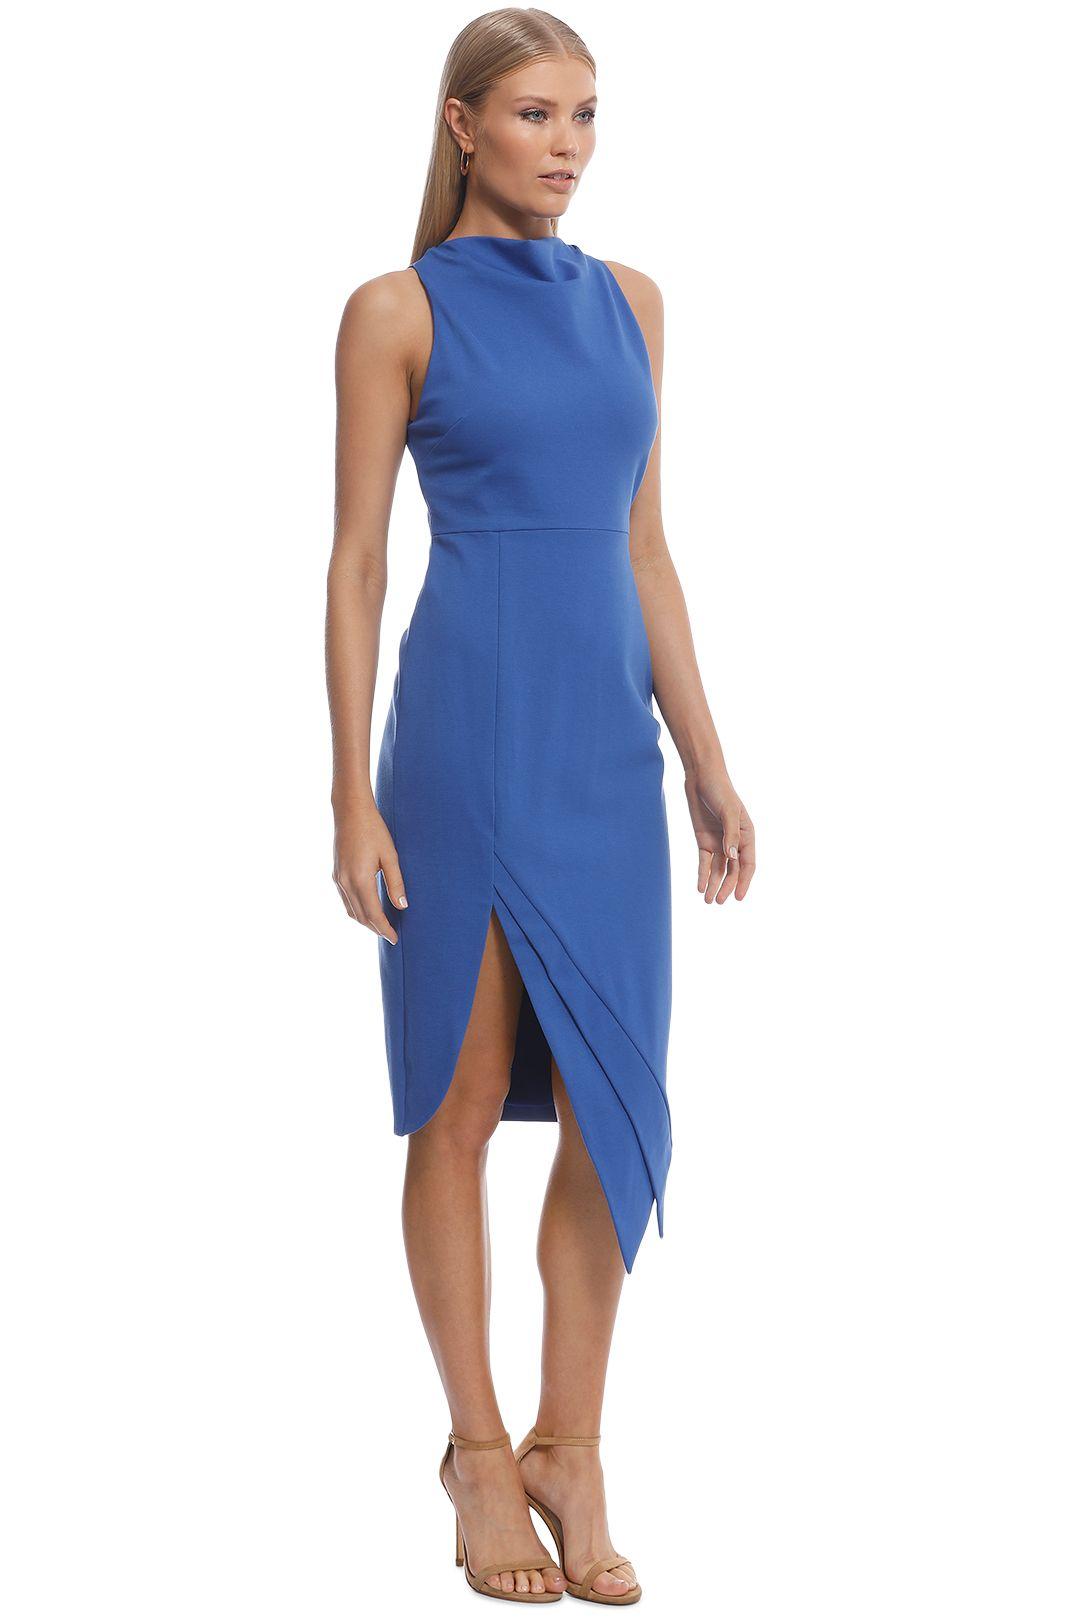 Elliatt - Carmen Dress - Cobalt - Side